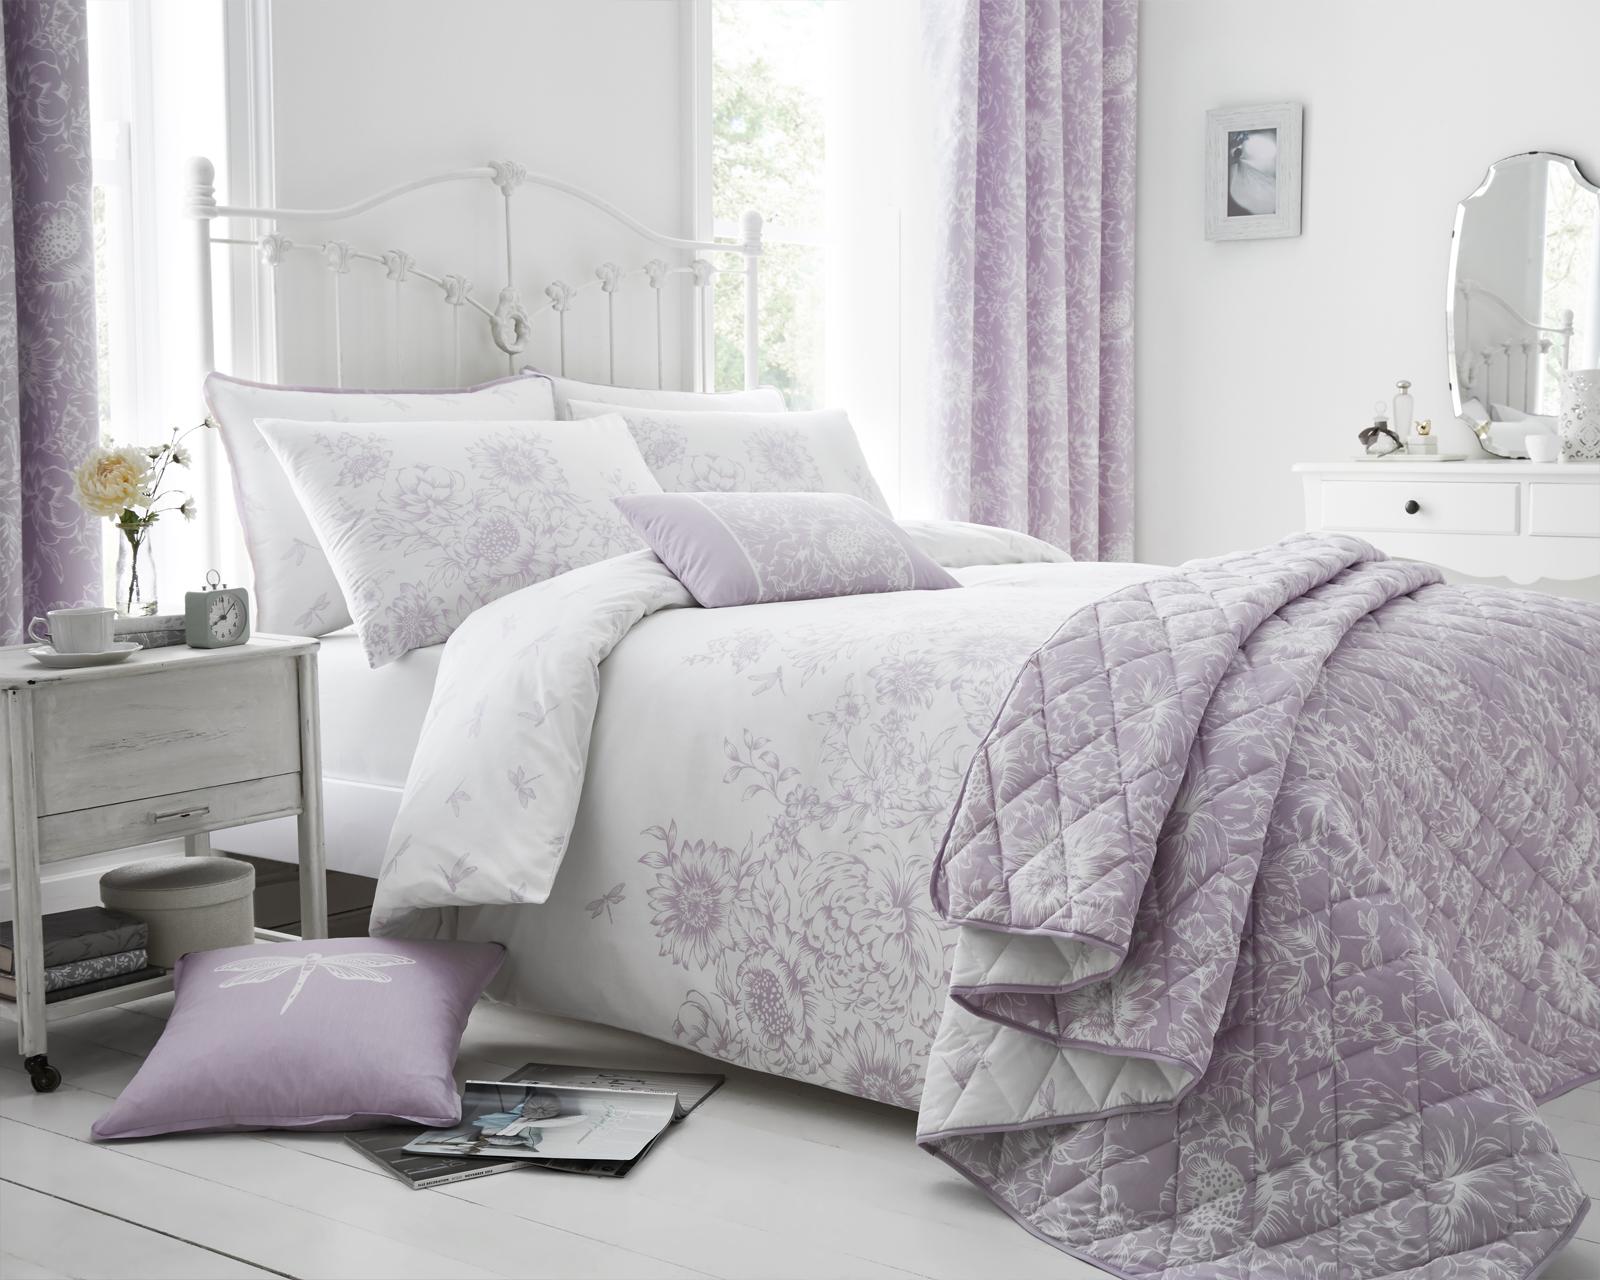 Floral Border Design Lilac Bedding Duvet Cover Set Single